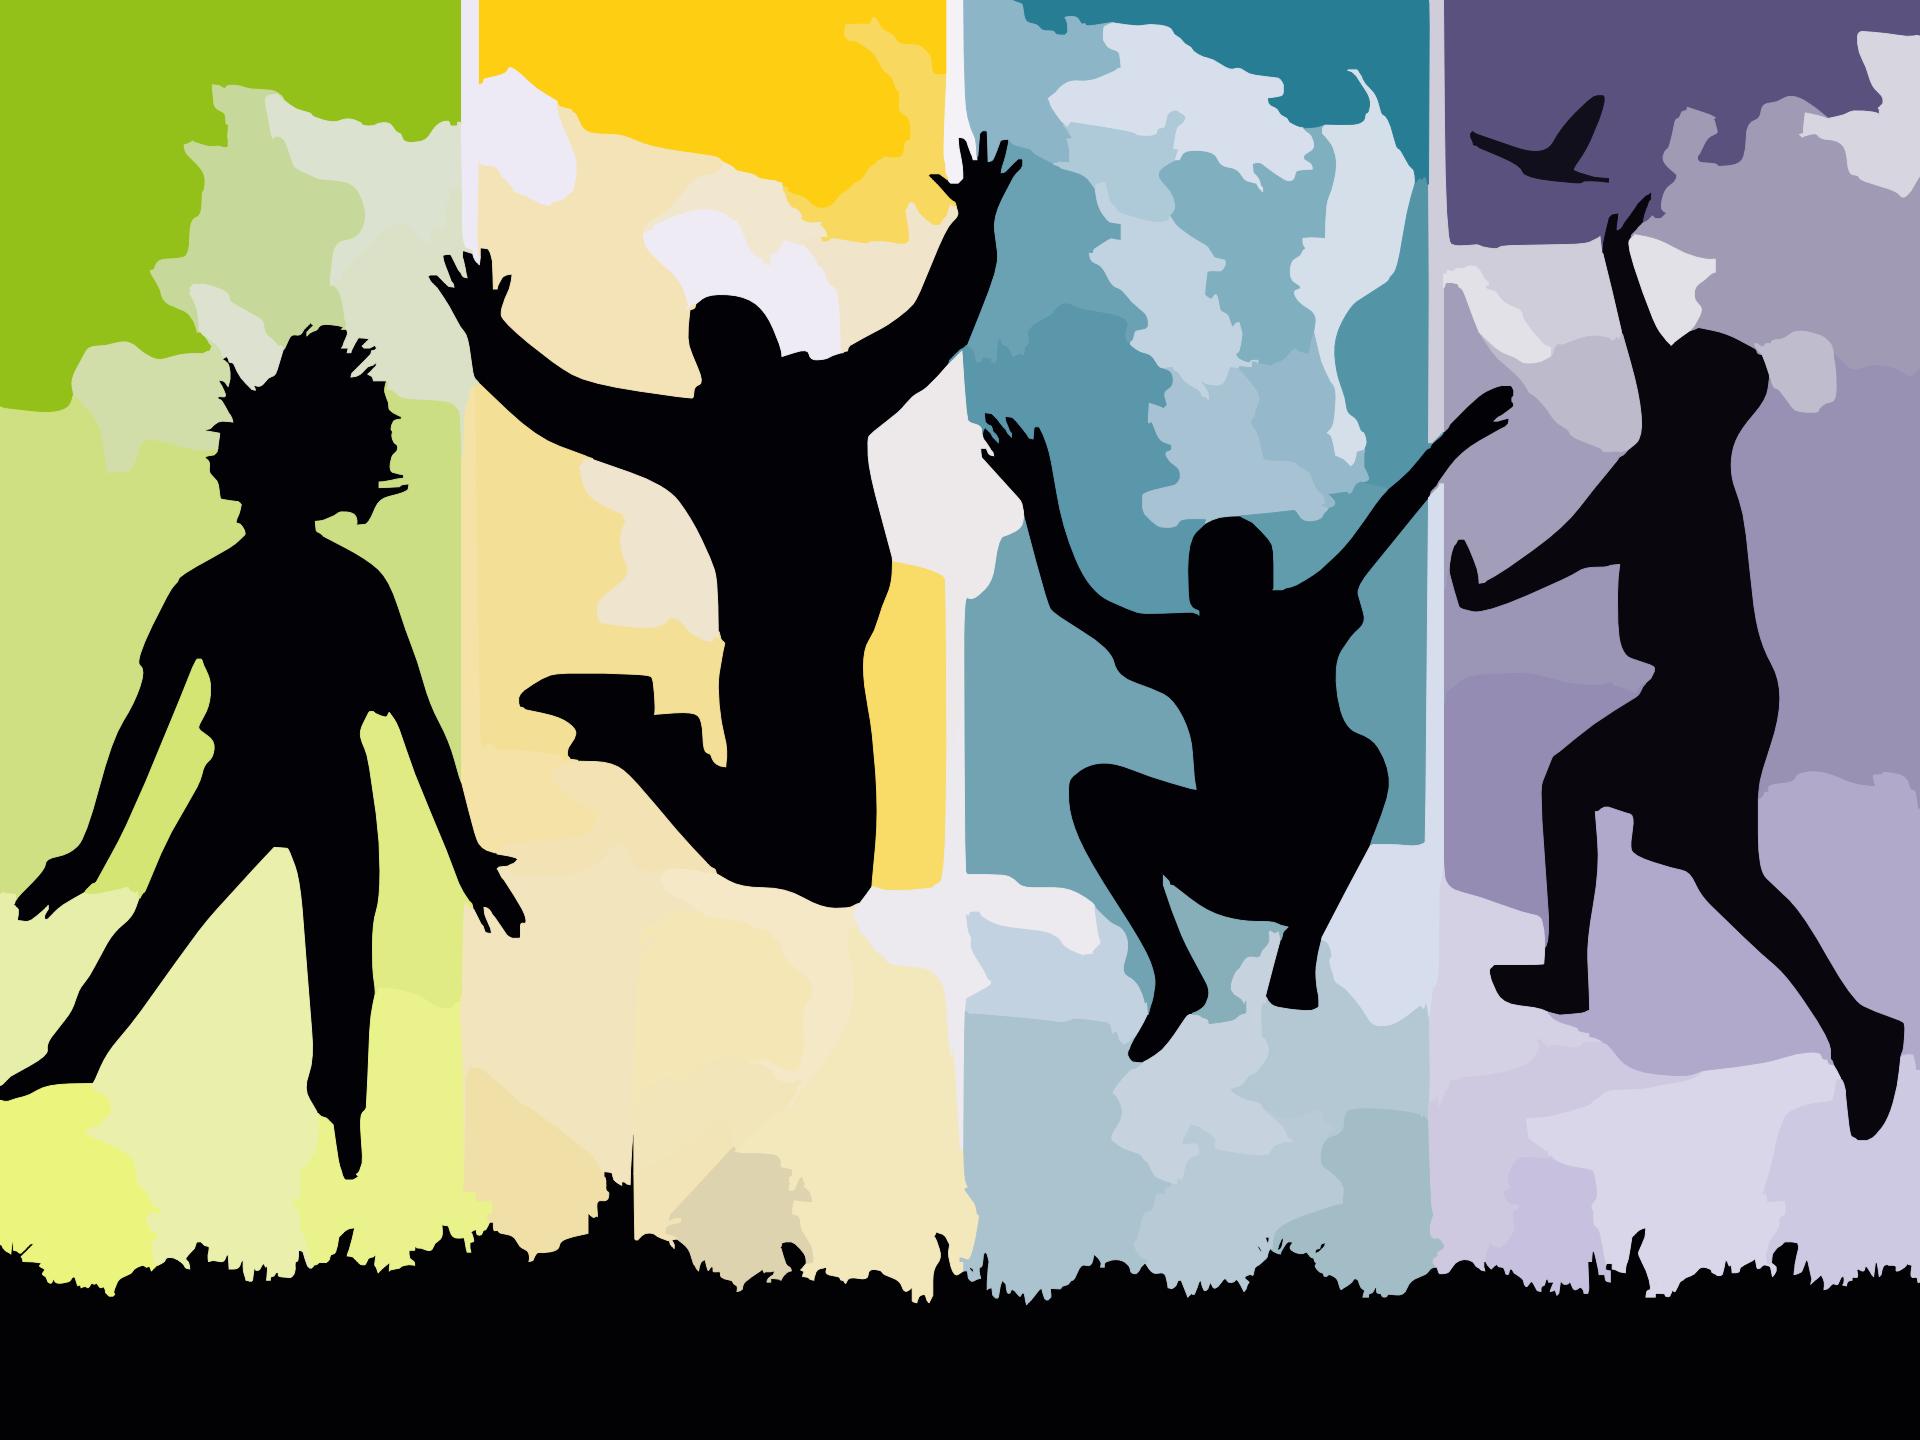 剪影, 跳转, 年轻, 幸福, 舞蹈 - 高清壁纸 - 教授-falken.com